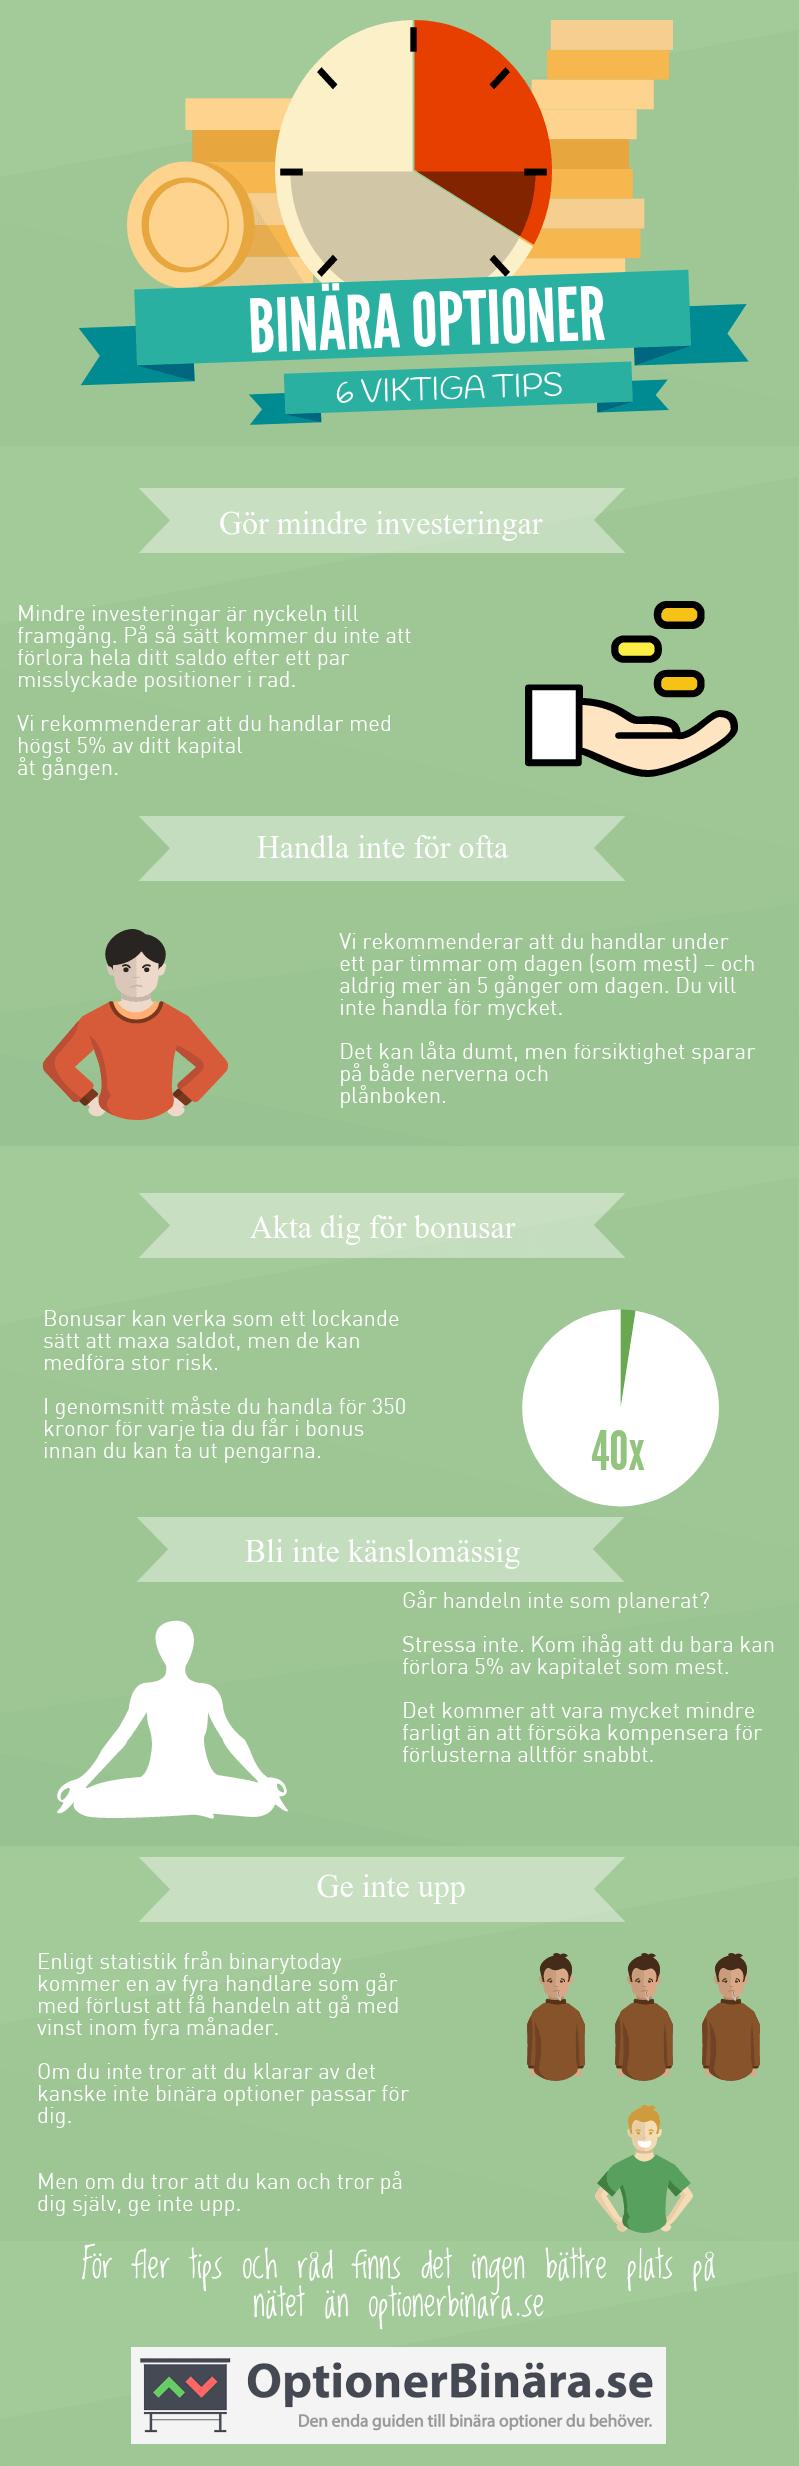 6 viktiga tips for handeln